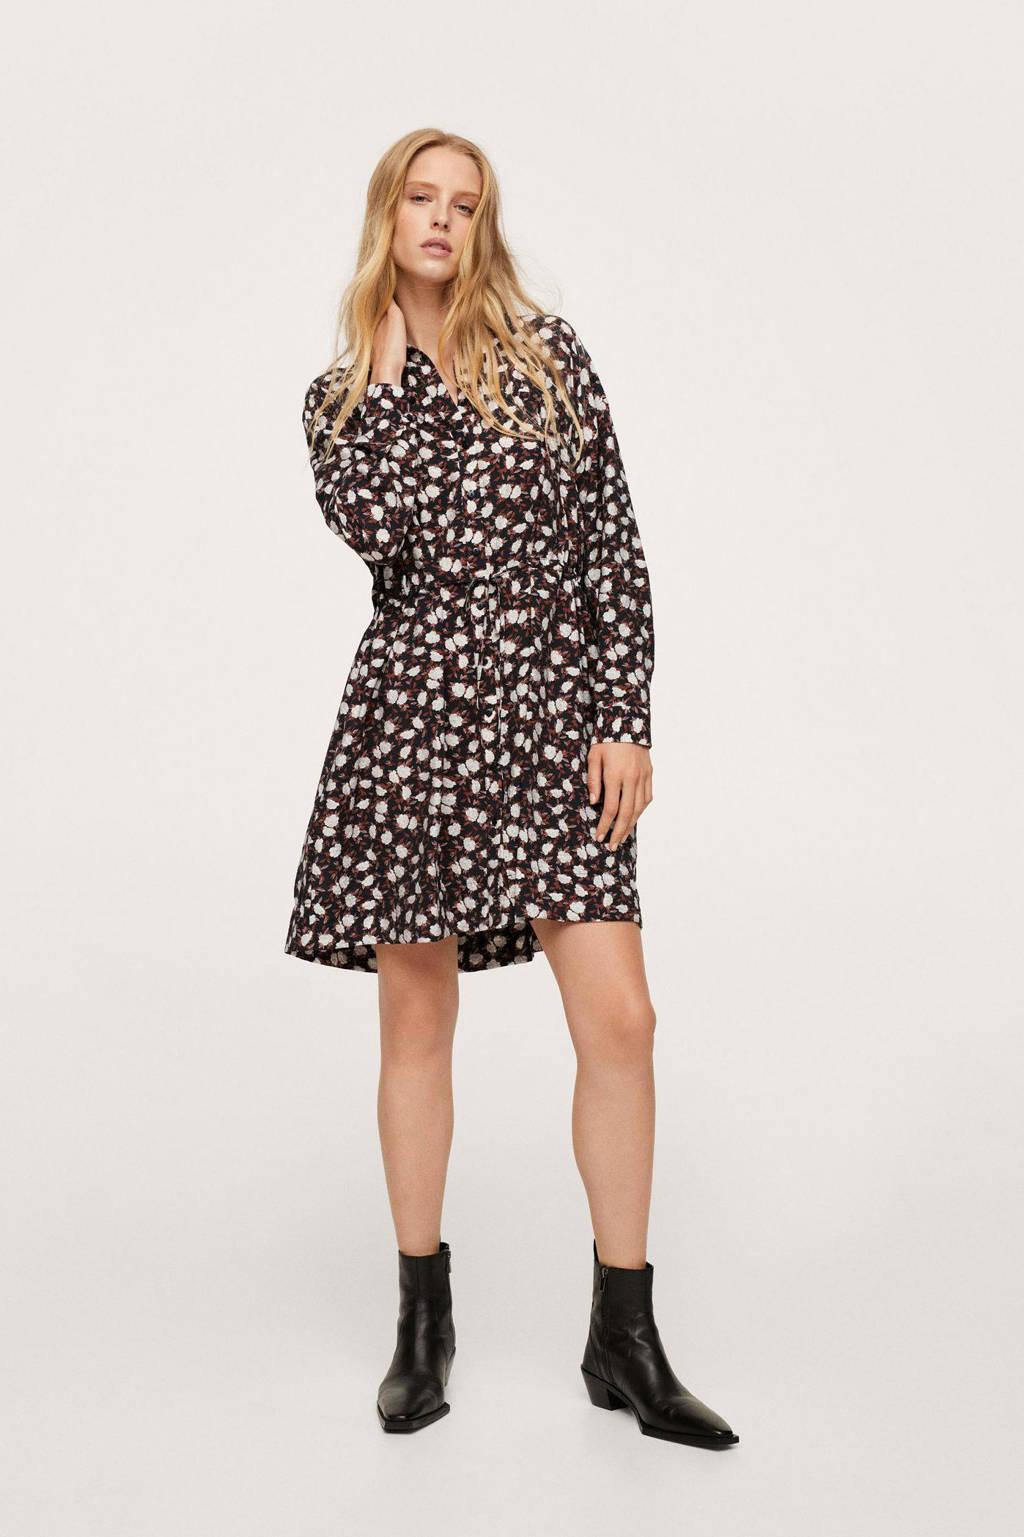 Mango gebloemde jurk zwart/bruin/wit, Zwart/bruin/wit